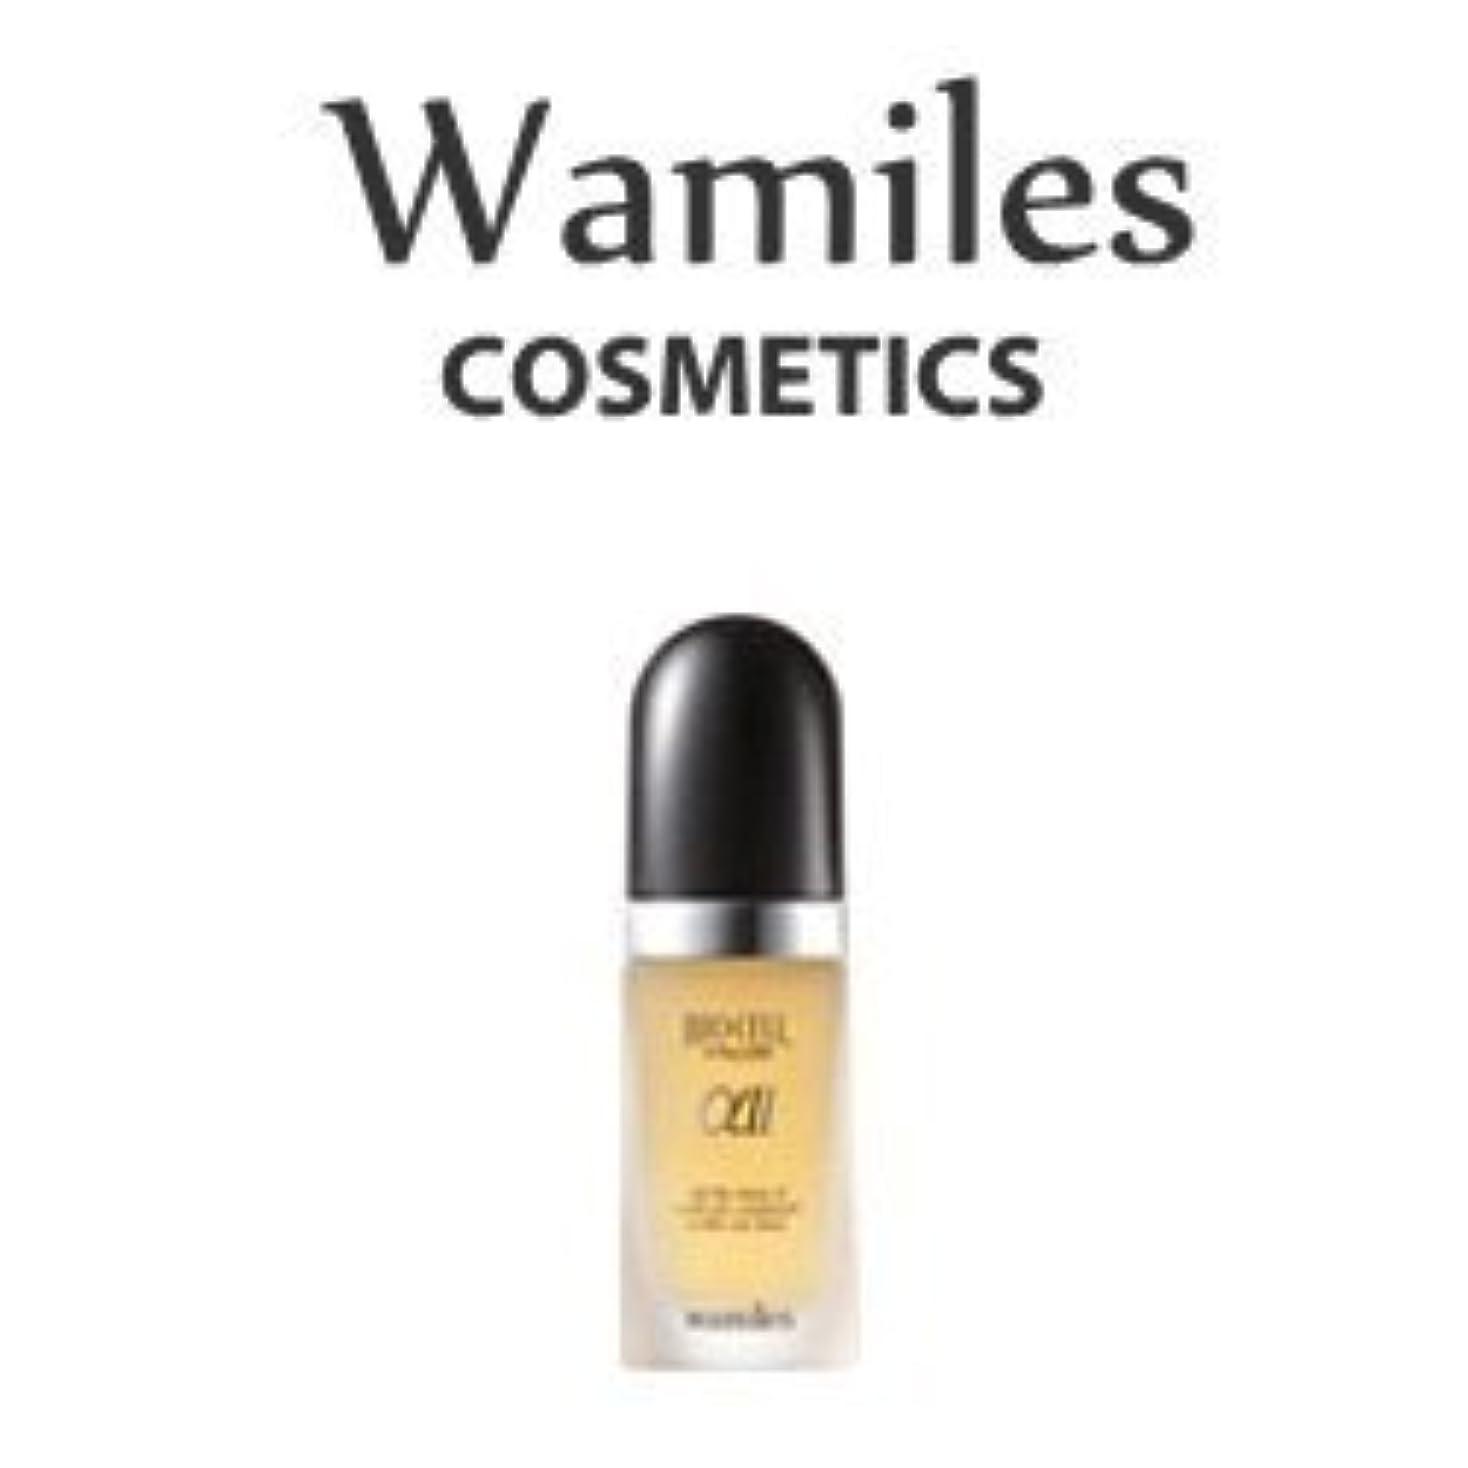 免除テープ盲信wamiles/ワミレス ビオセル バイタライザーα2 38ml 美容 化粧水